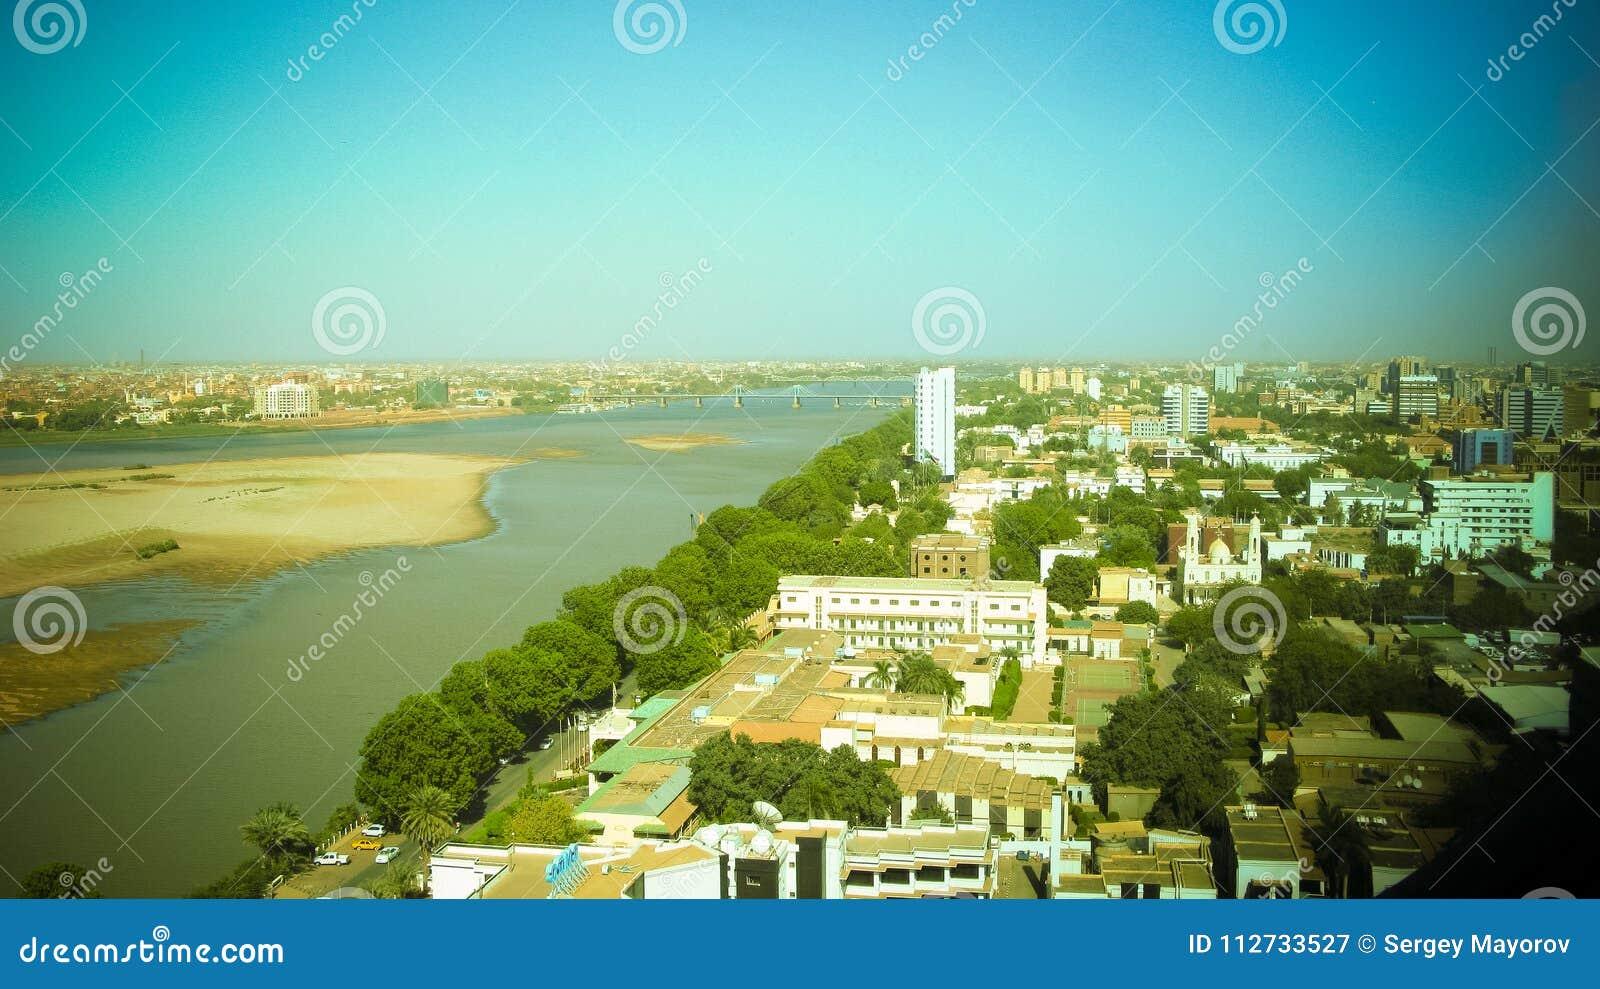 Vue panoramique aérienne à Khartoum, à Omdurman et à confluent du Niles bleu et blanc au Soudan